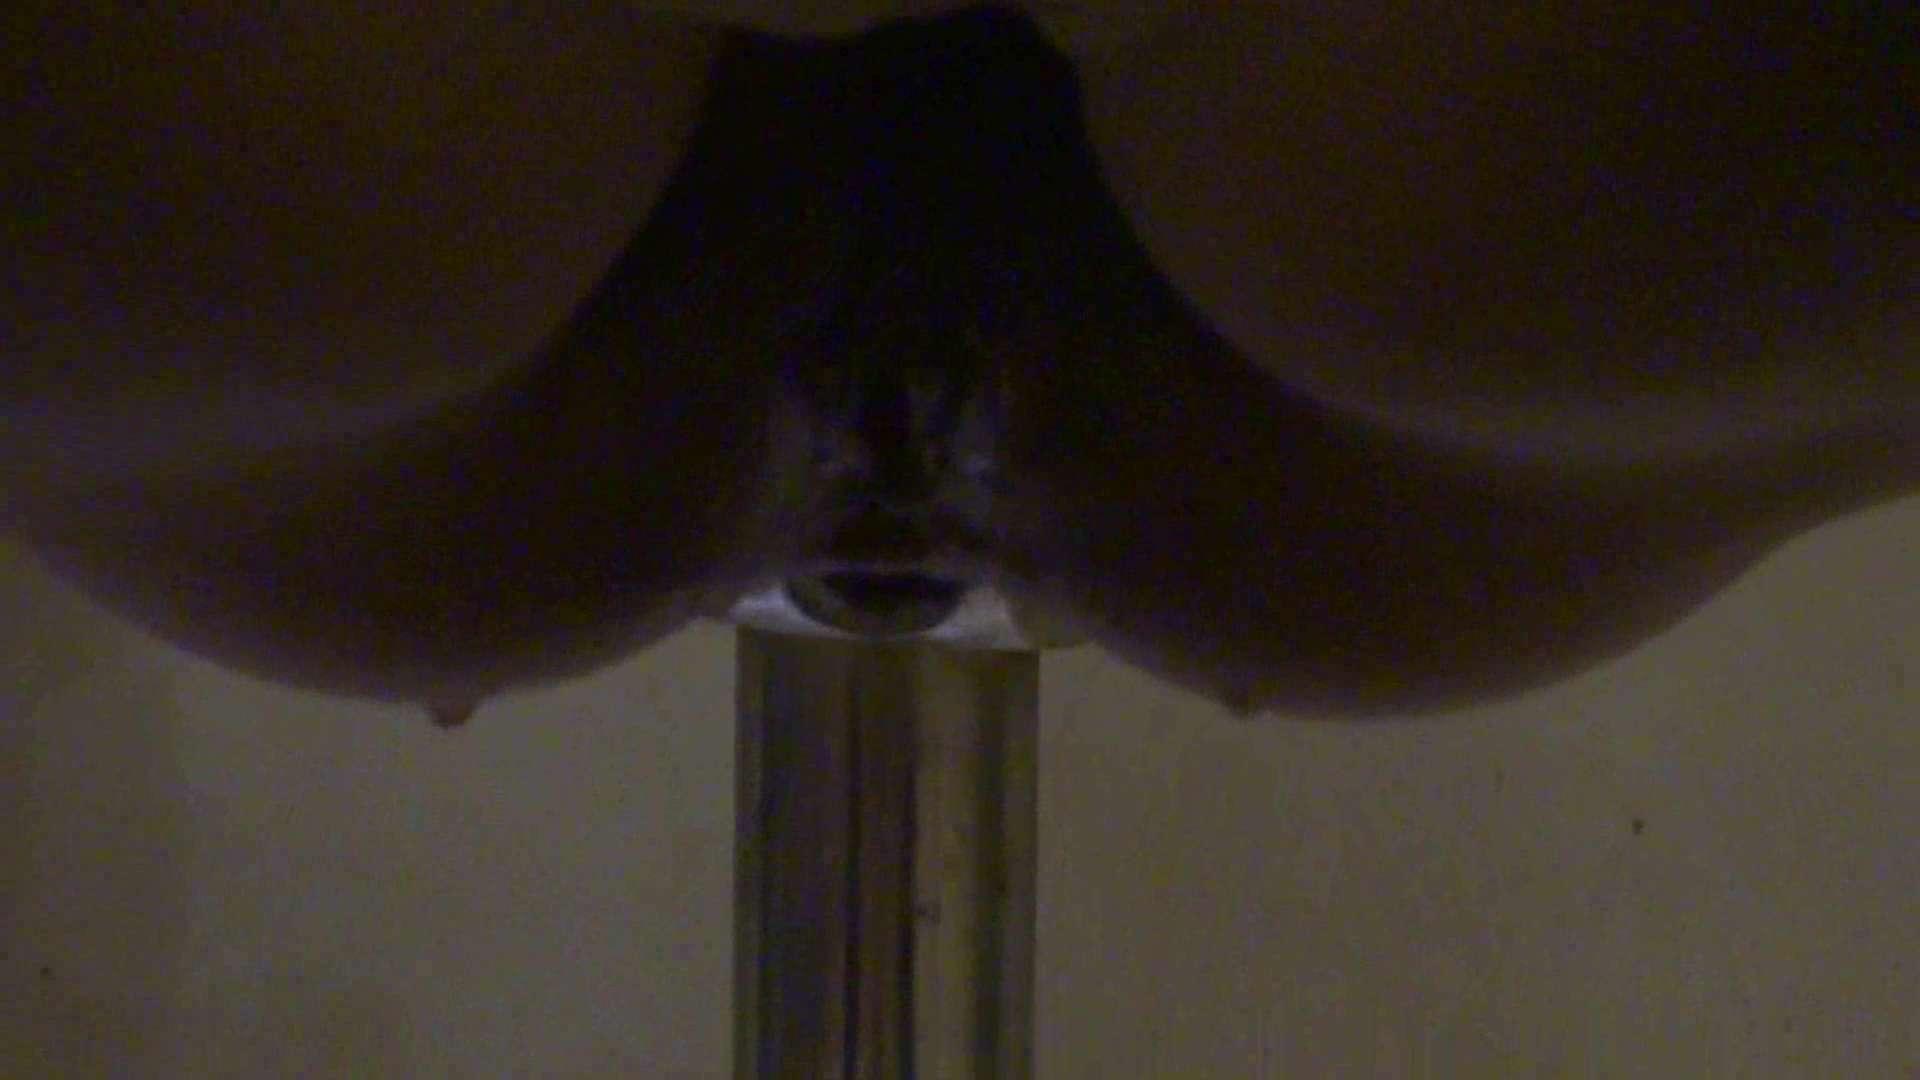 隣国化粧室下から御免!! No.16 美女 | 洗面所  77画像 76